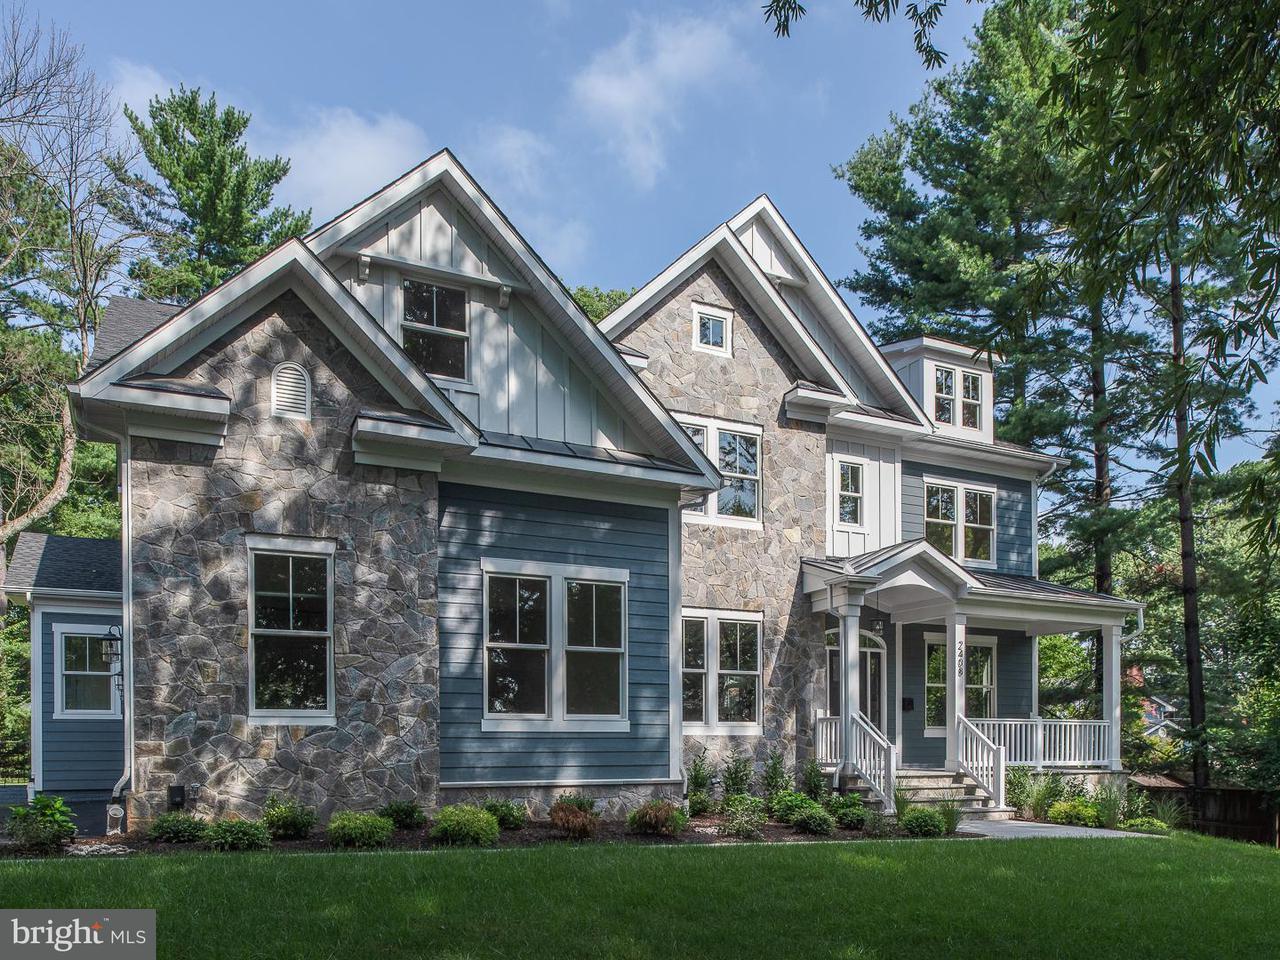 Частный односемейный дом для того Продажа на 2408 Chestnut Street 2408 Chestnut Street Falls Church, Виргиния 22043 Соединенные Штаты